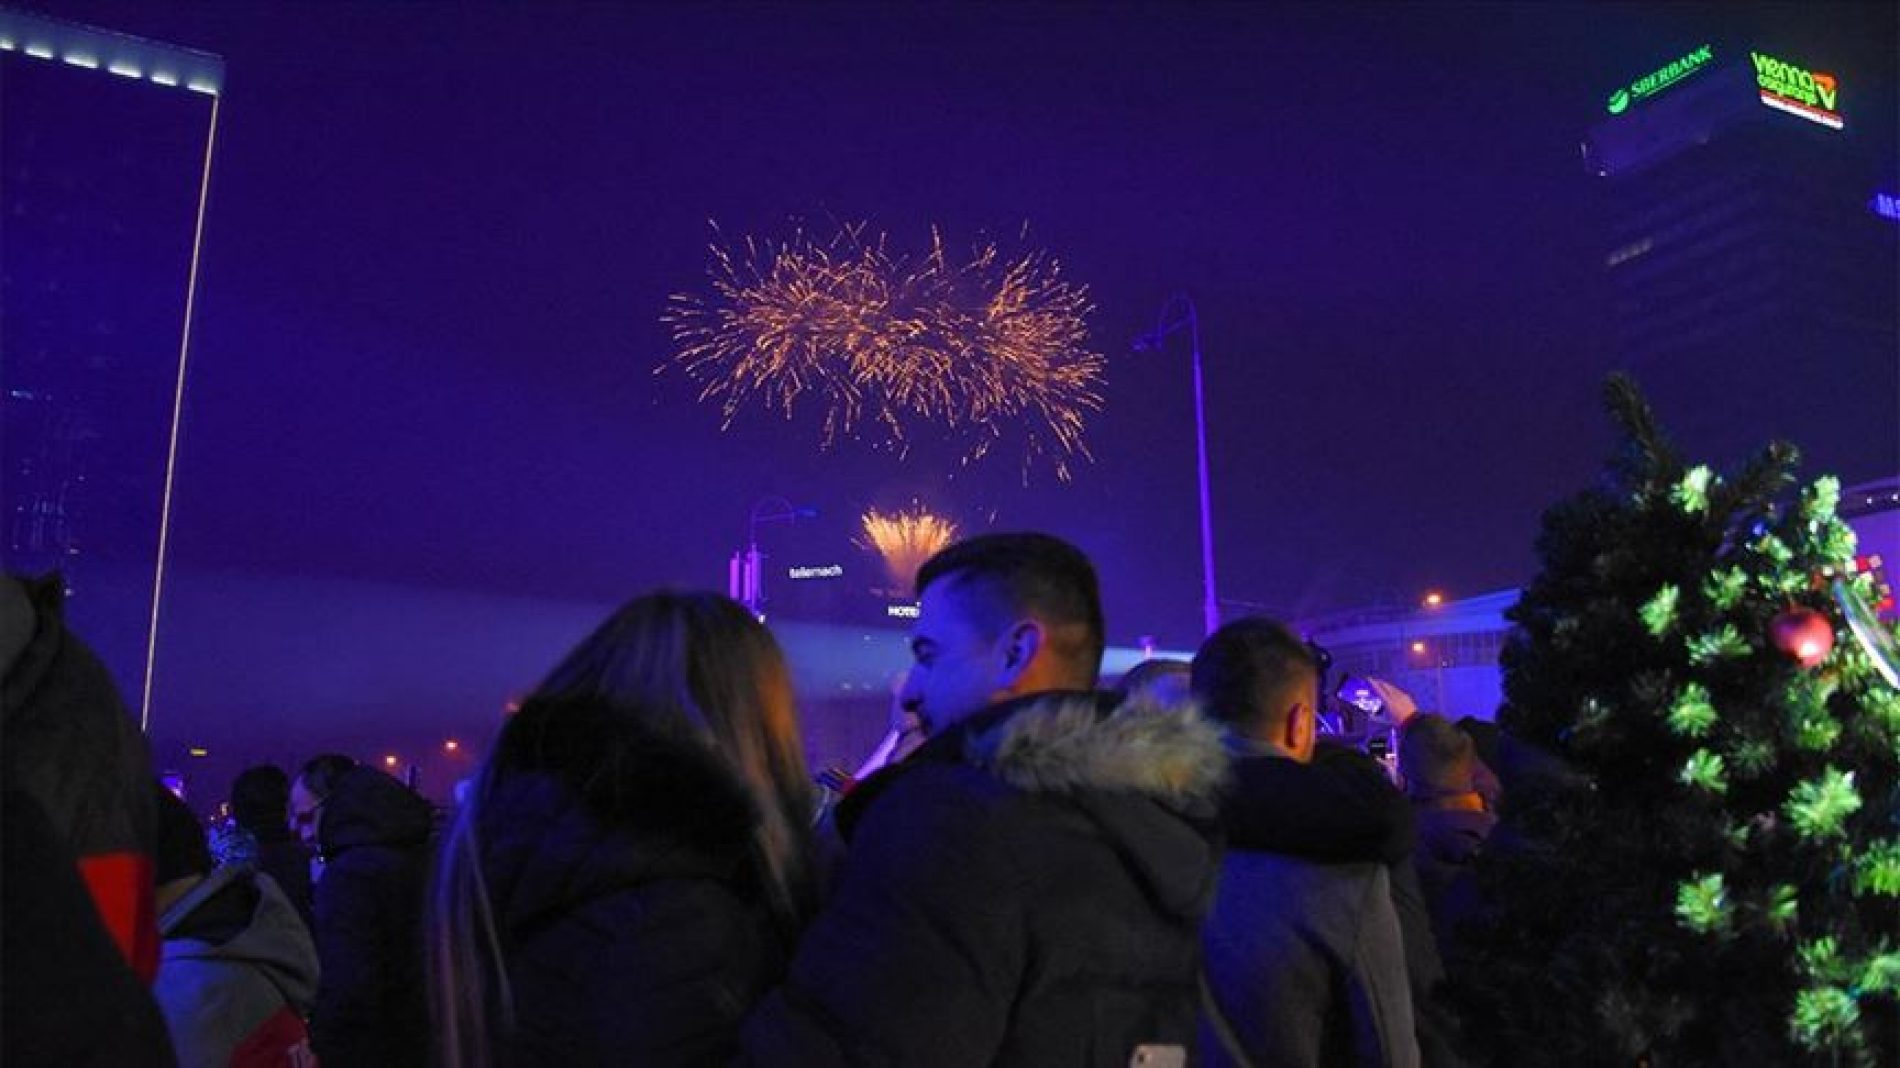 Sarajevo – Novogodišnja noć bez ijednog incidenta